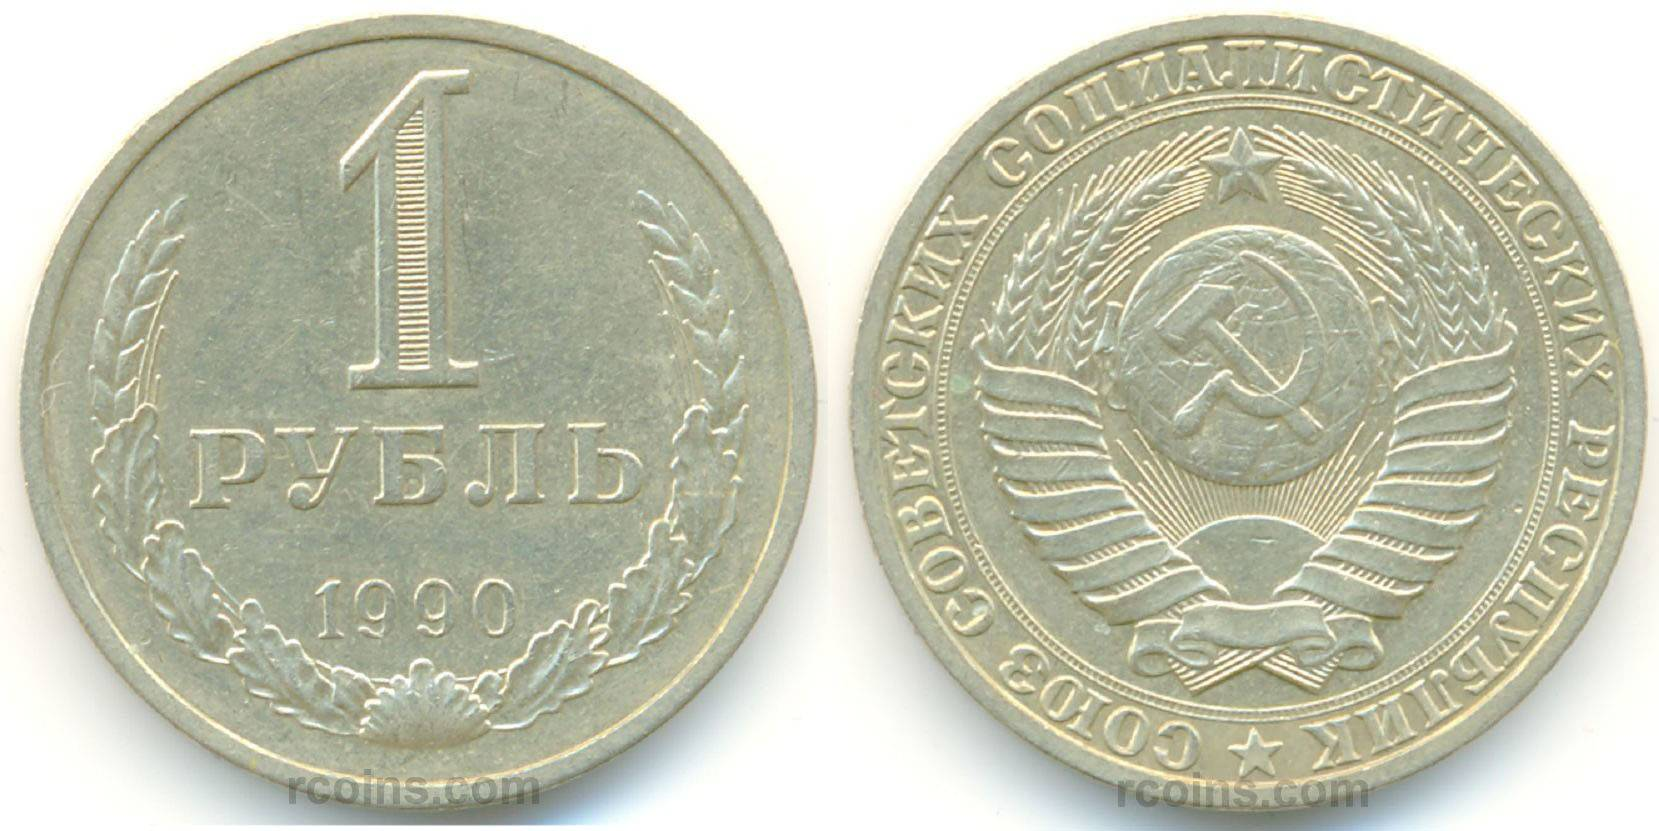 a1-rubl-1990.jpg